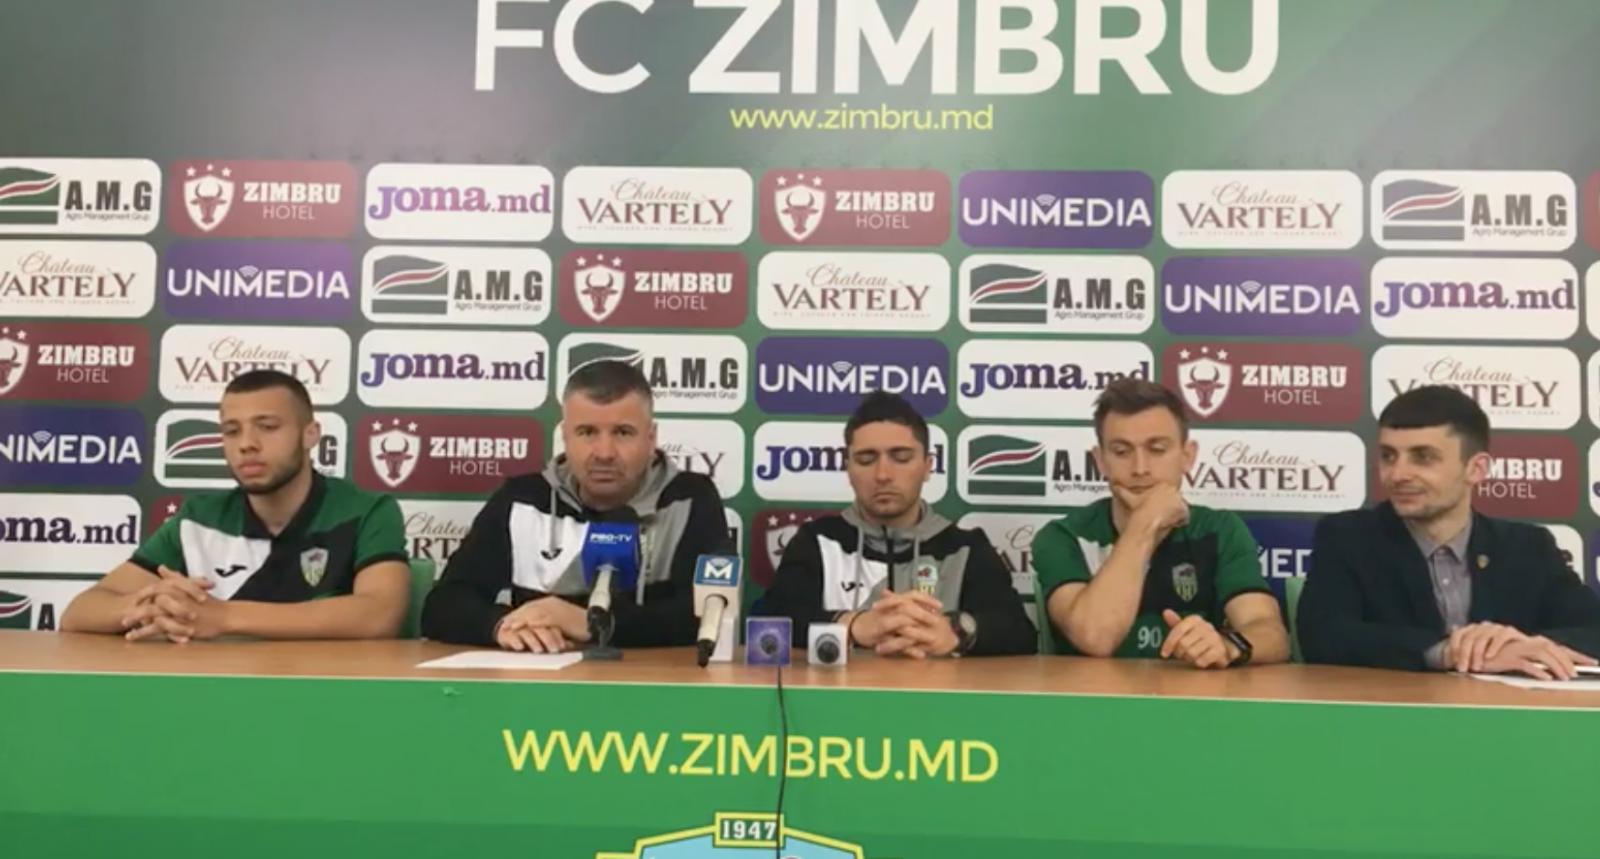 (video) Conferința FC Zimbru înaintea debutului de Campionat în noul sezon: Ne propunem să jucăm un fotbal frumos și atunci, vor veni și rezultate